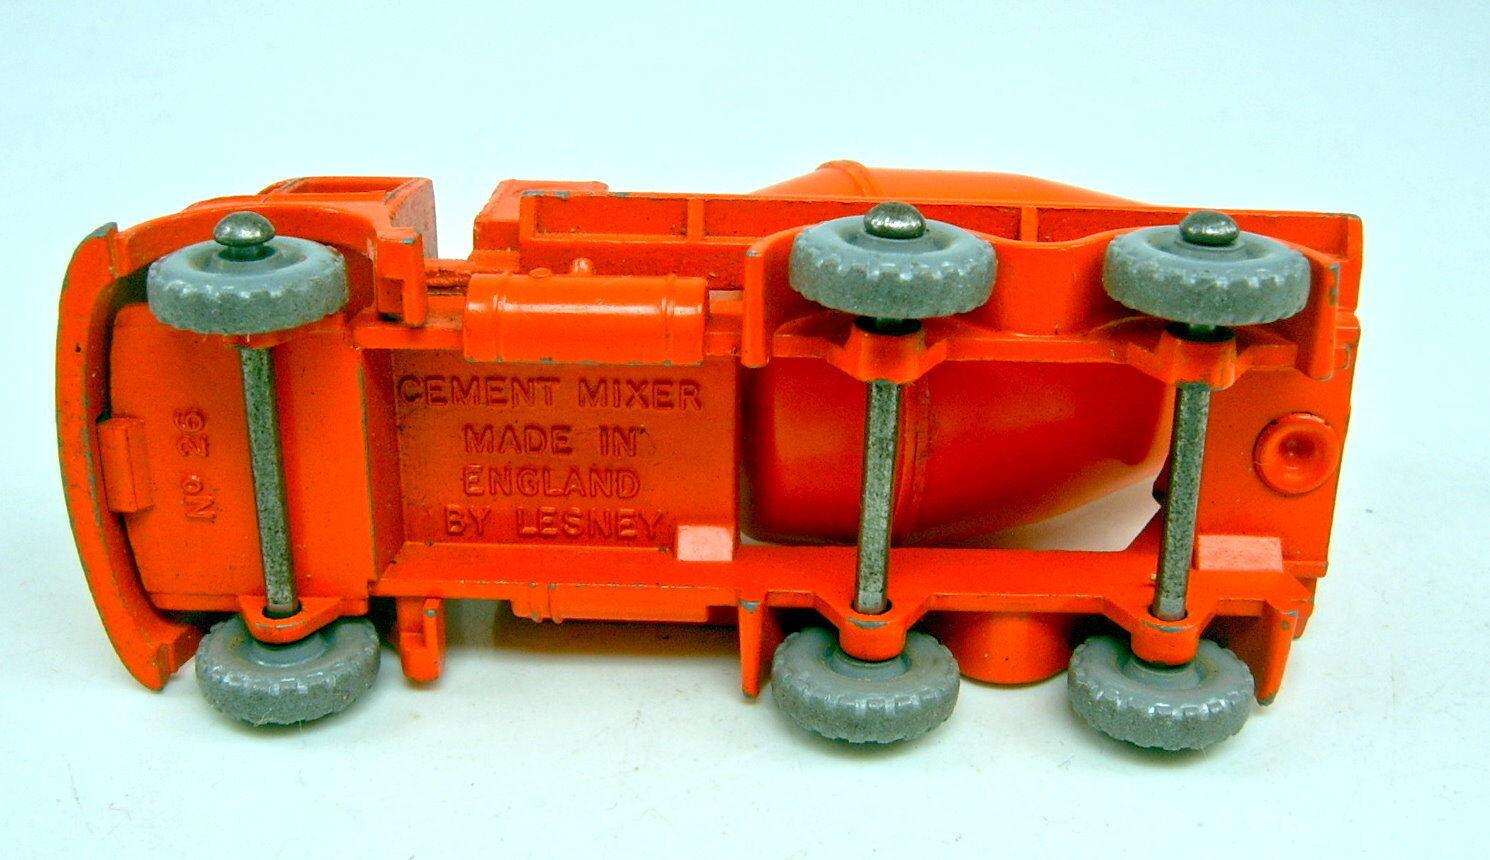 Matchbox Matchbox Matchbox RW 26B Foden Cement Mixer grobe greye Räder guter Zustand 0237d2